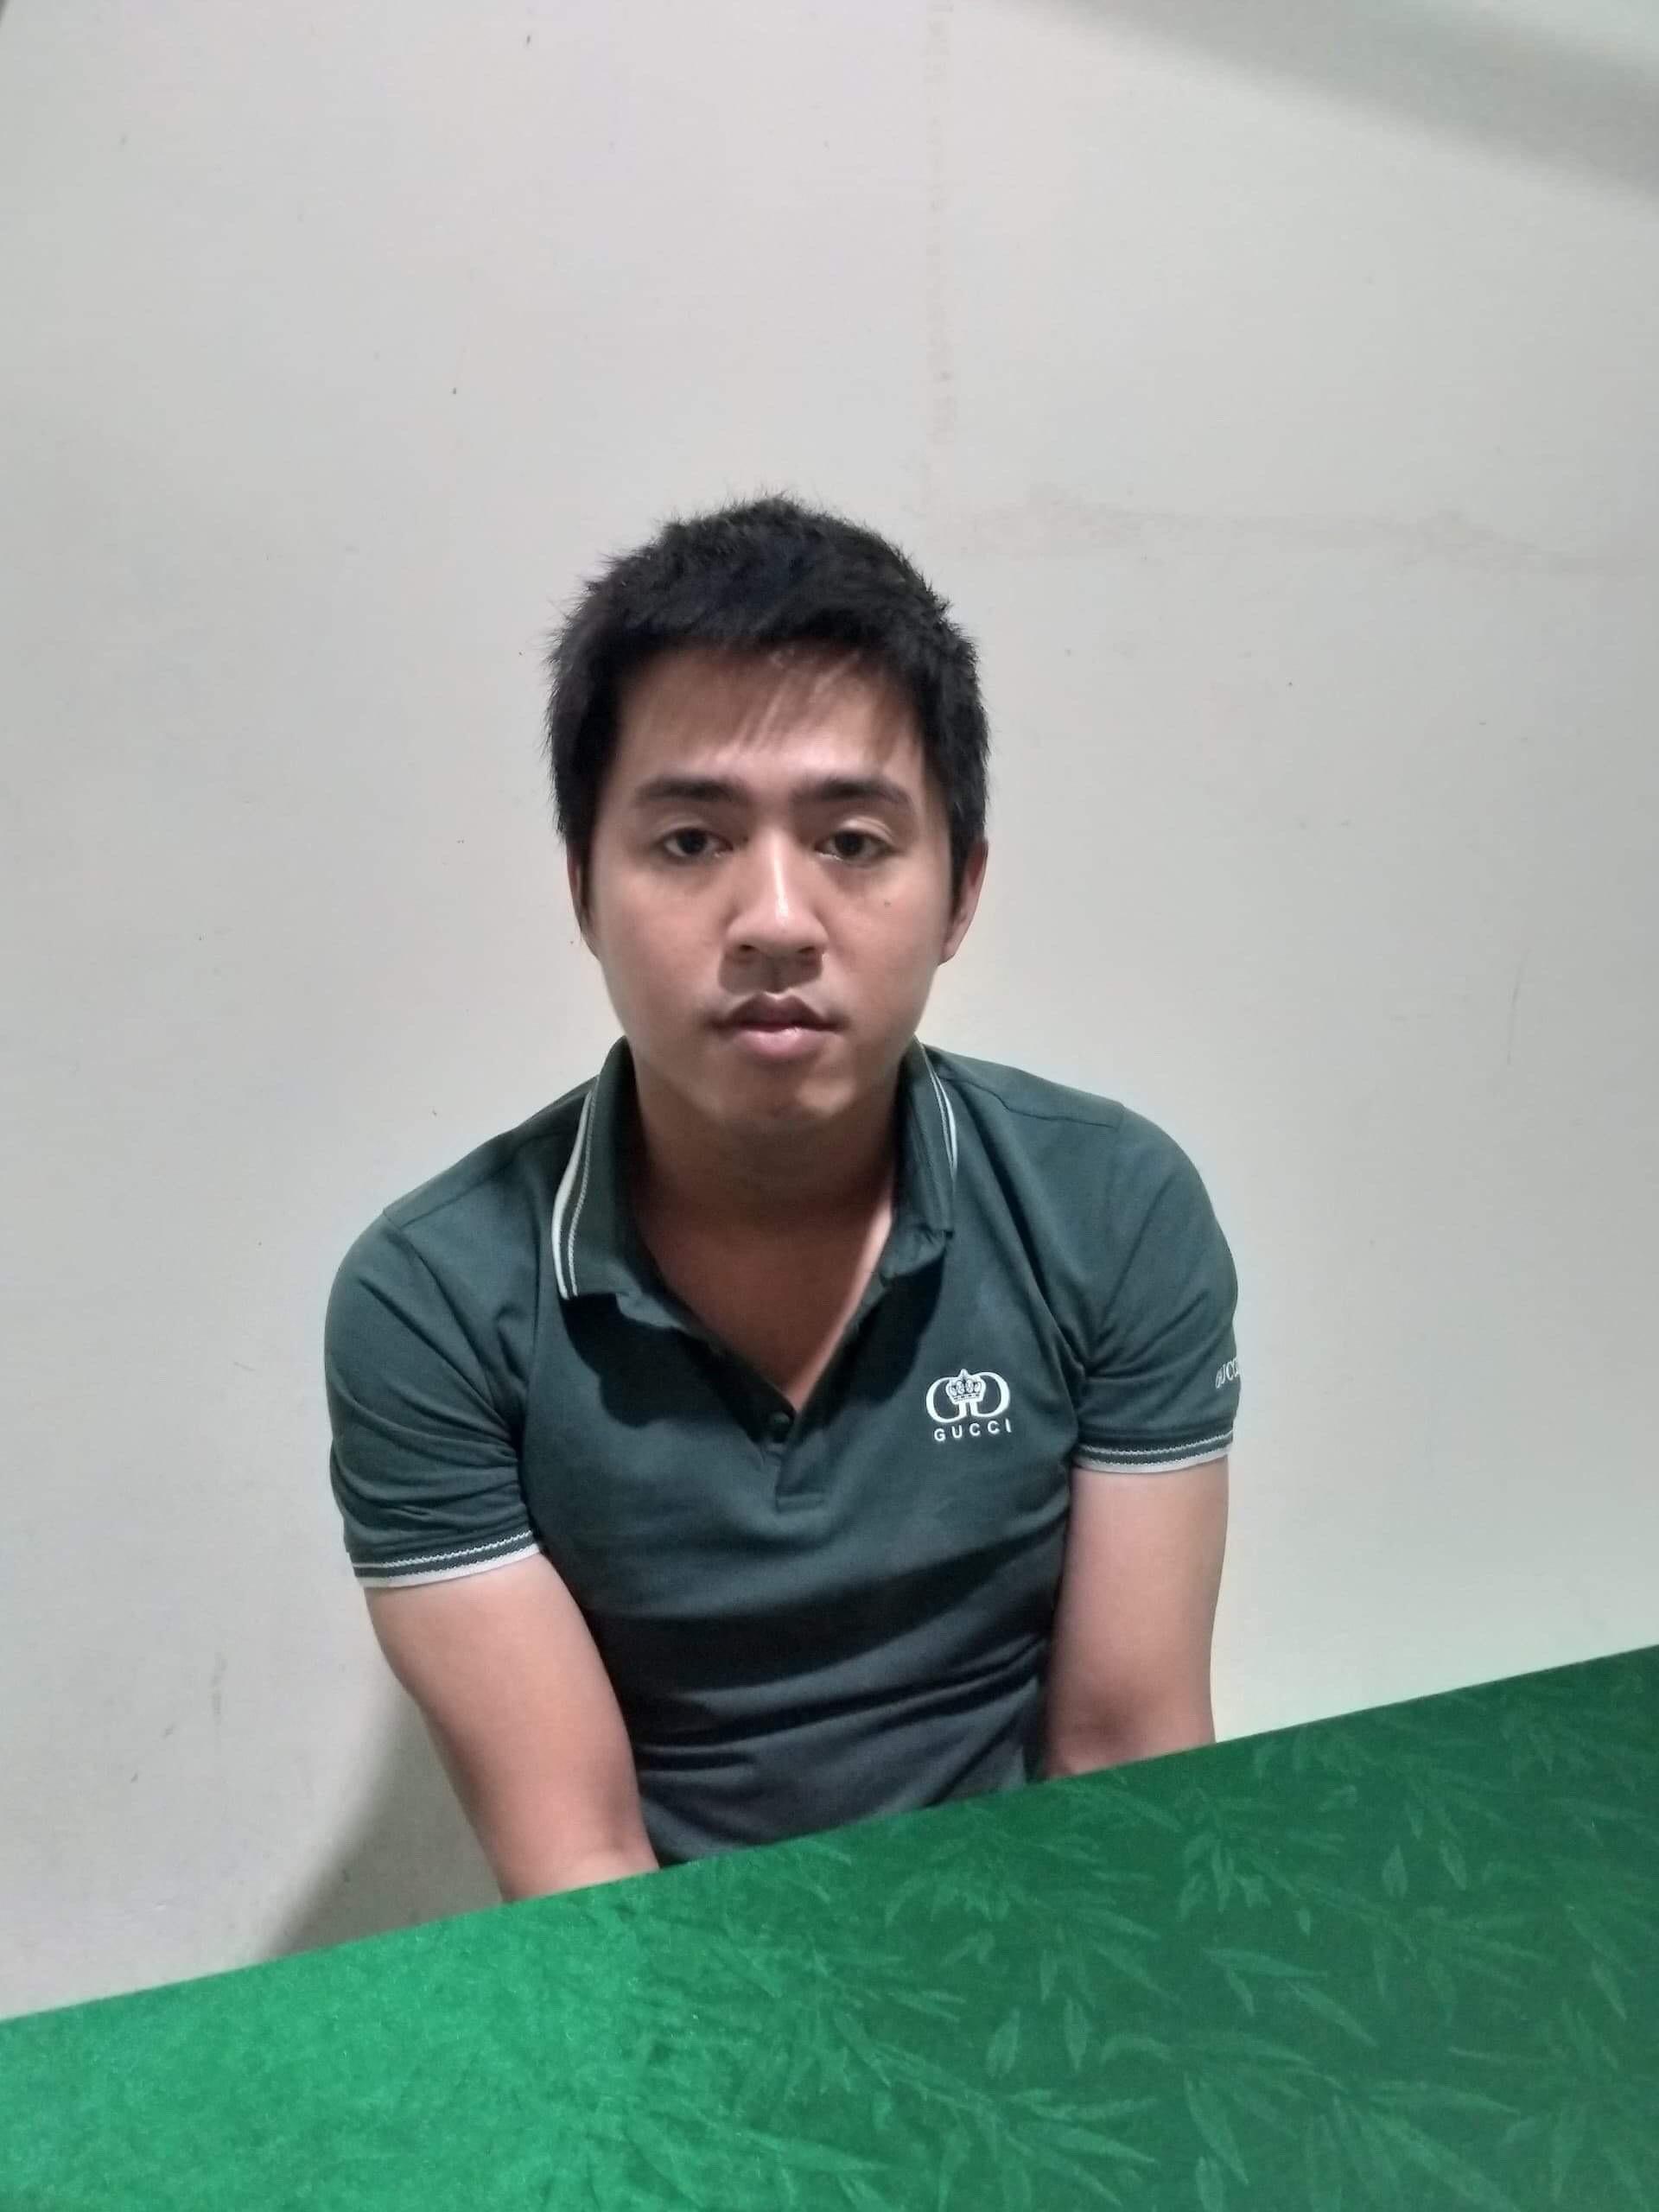 Lời khai của nghi phạm thực hiện vụ cướp chỉ trong 27 giây ở Đà Nẵng - Ảnh 2.